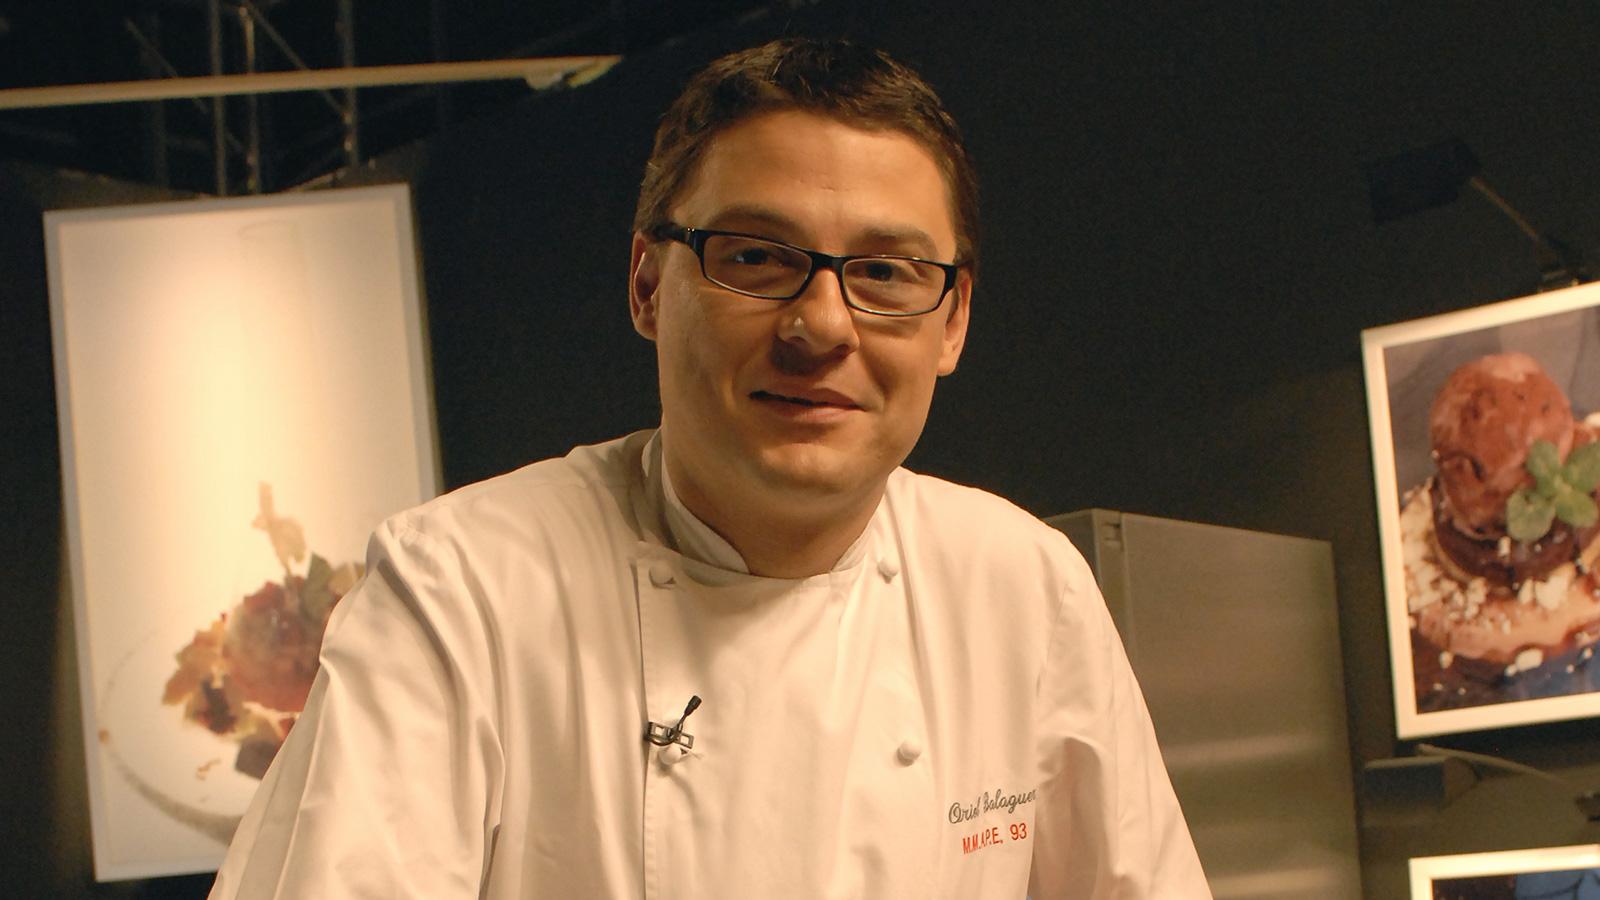 Oriol balaguer cocineros canal cocina for Cocineros de canal cocina